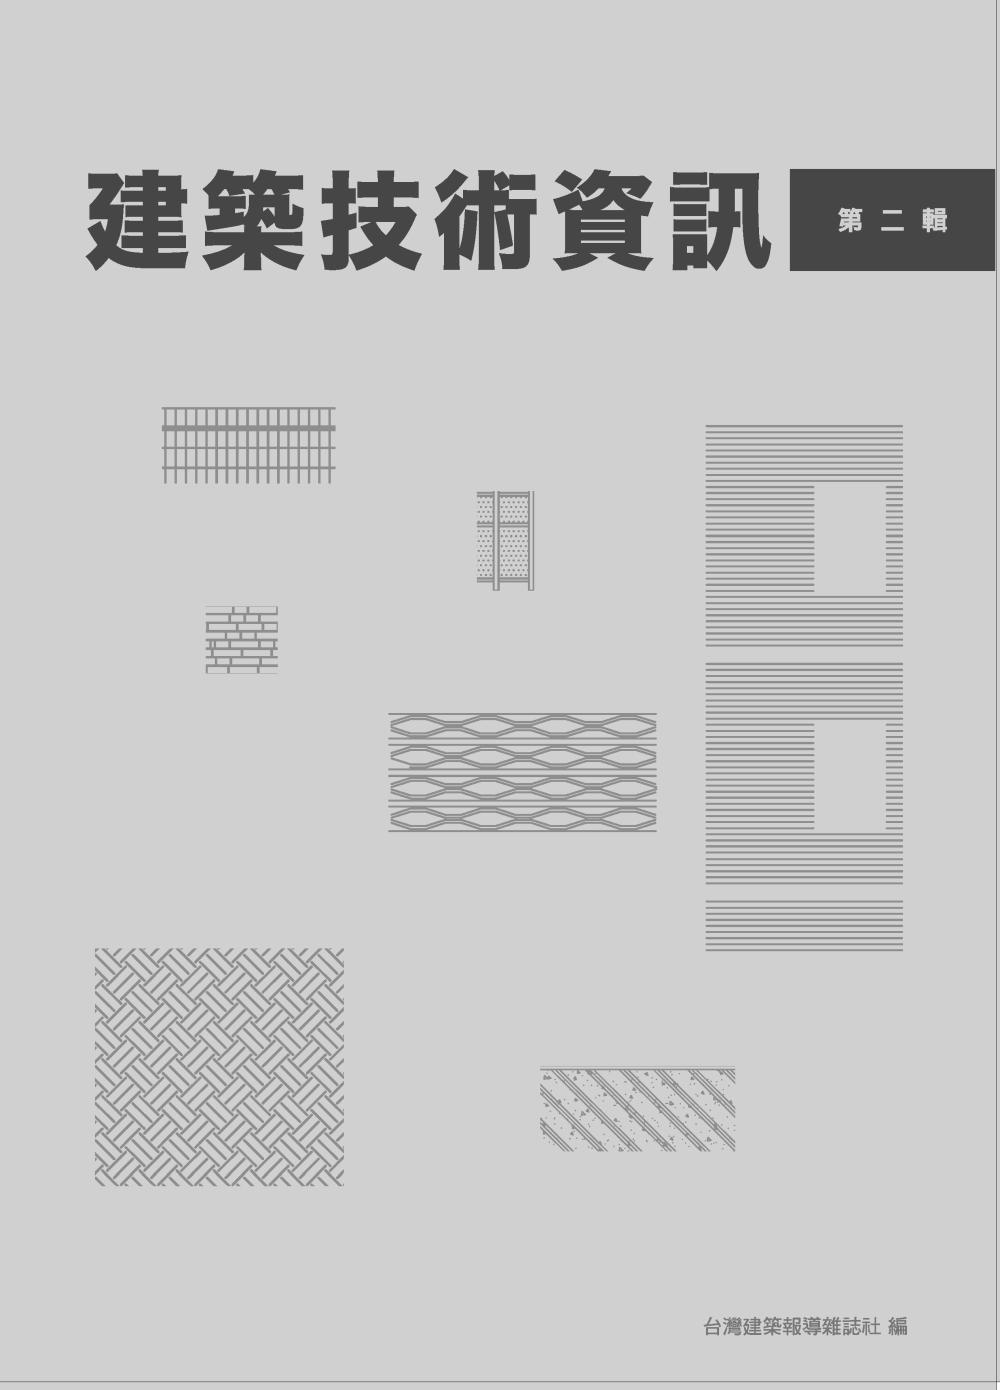 建築技術資訊 第二輯